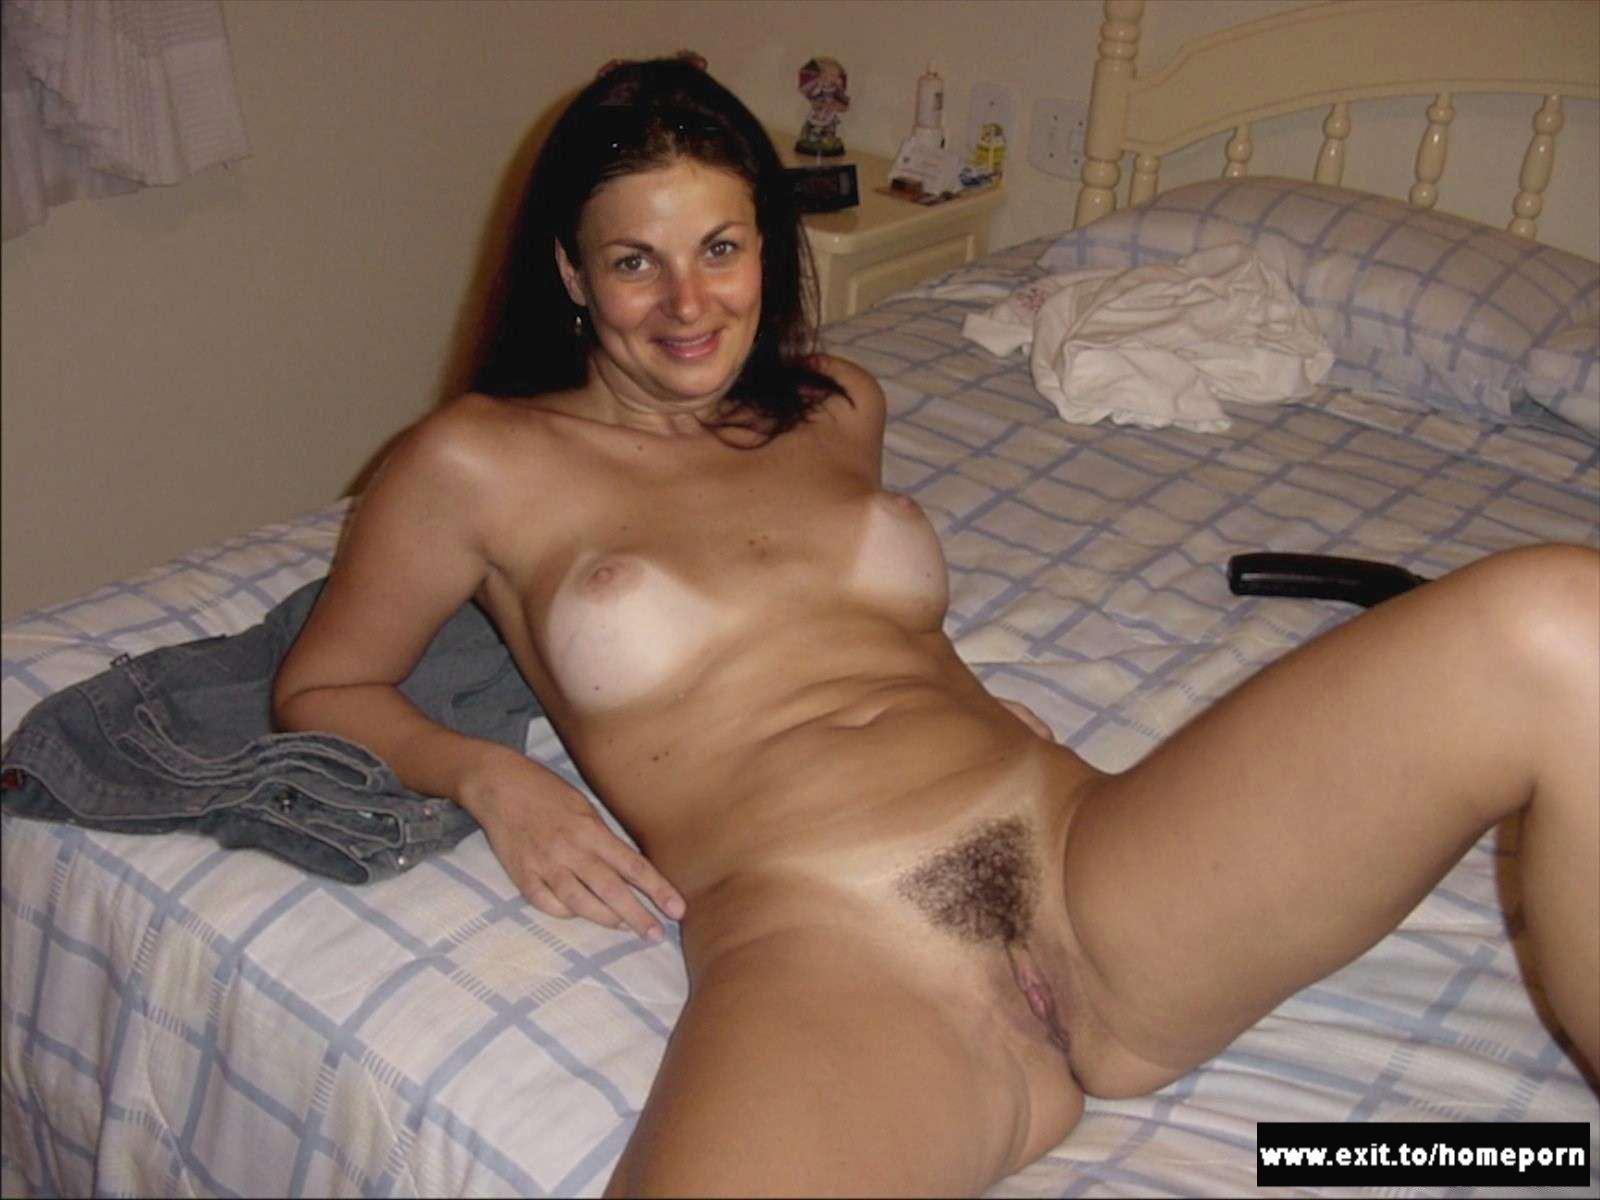 Сорокалетние дамы порно 15 фотография